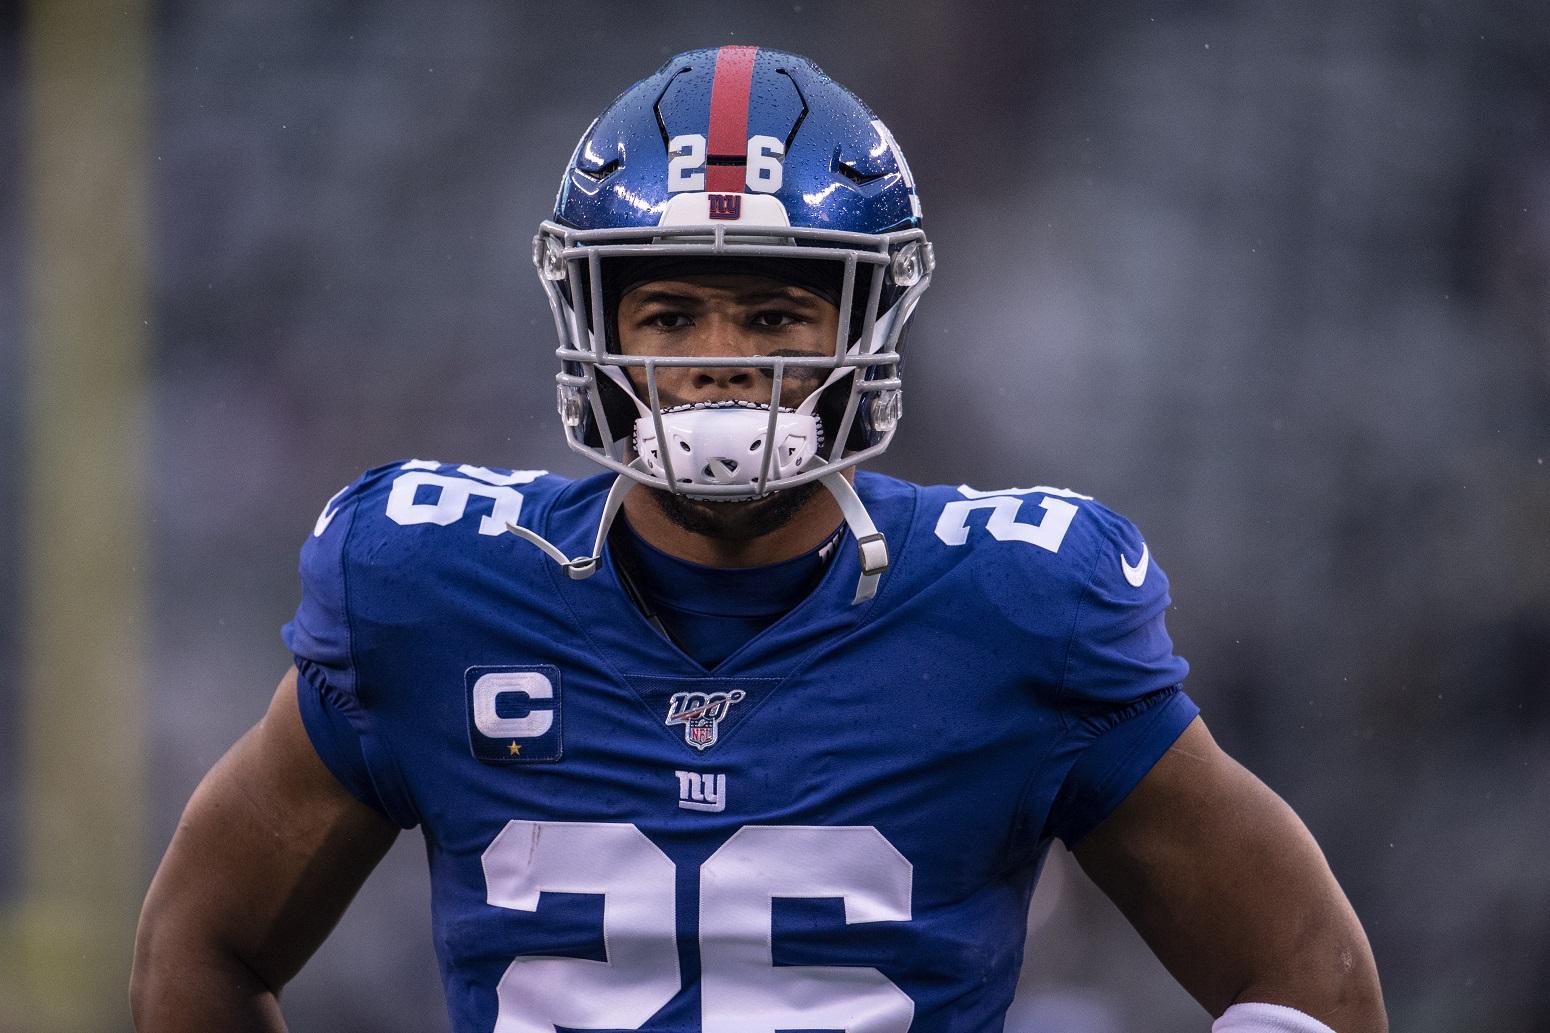 Saquon Barkley Giants 2020 season